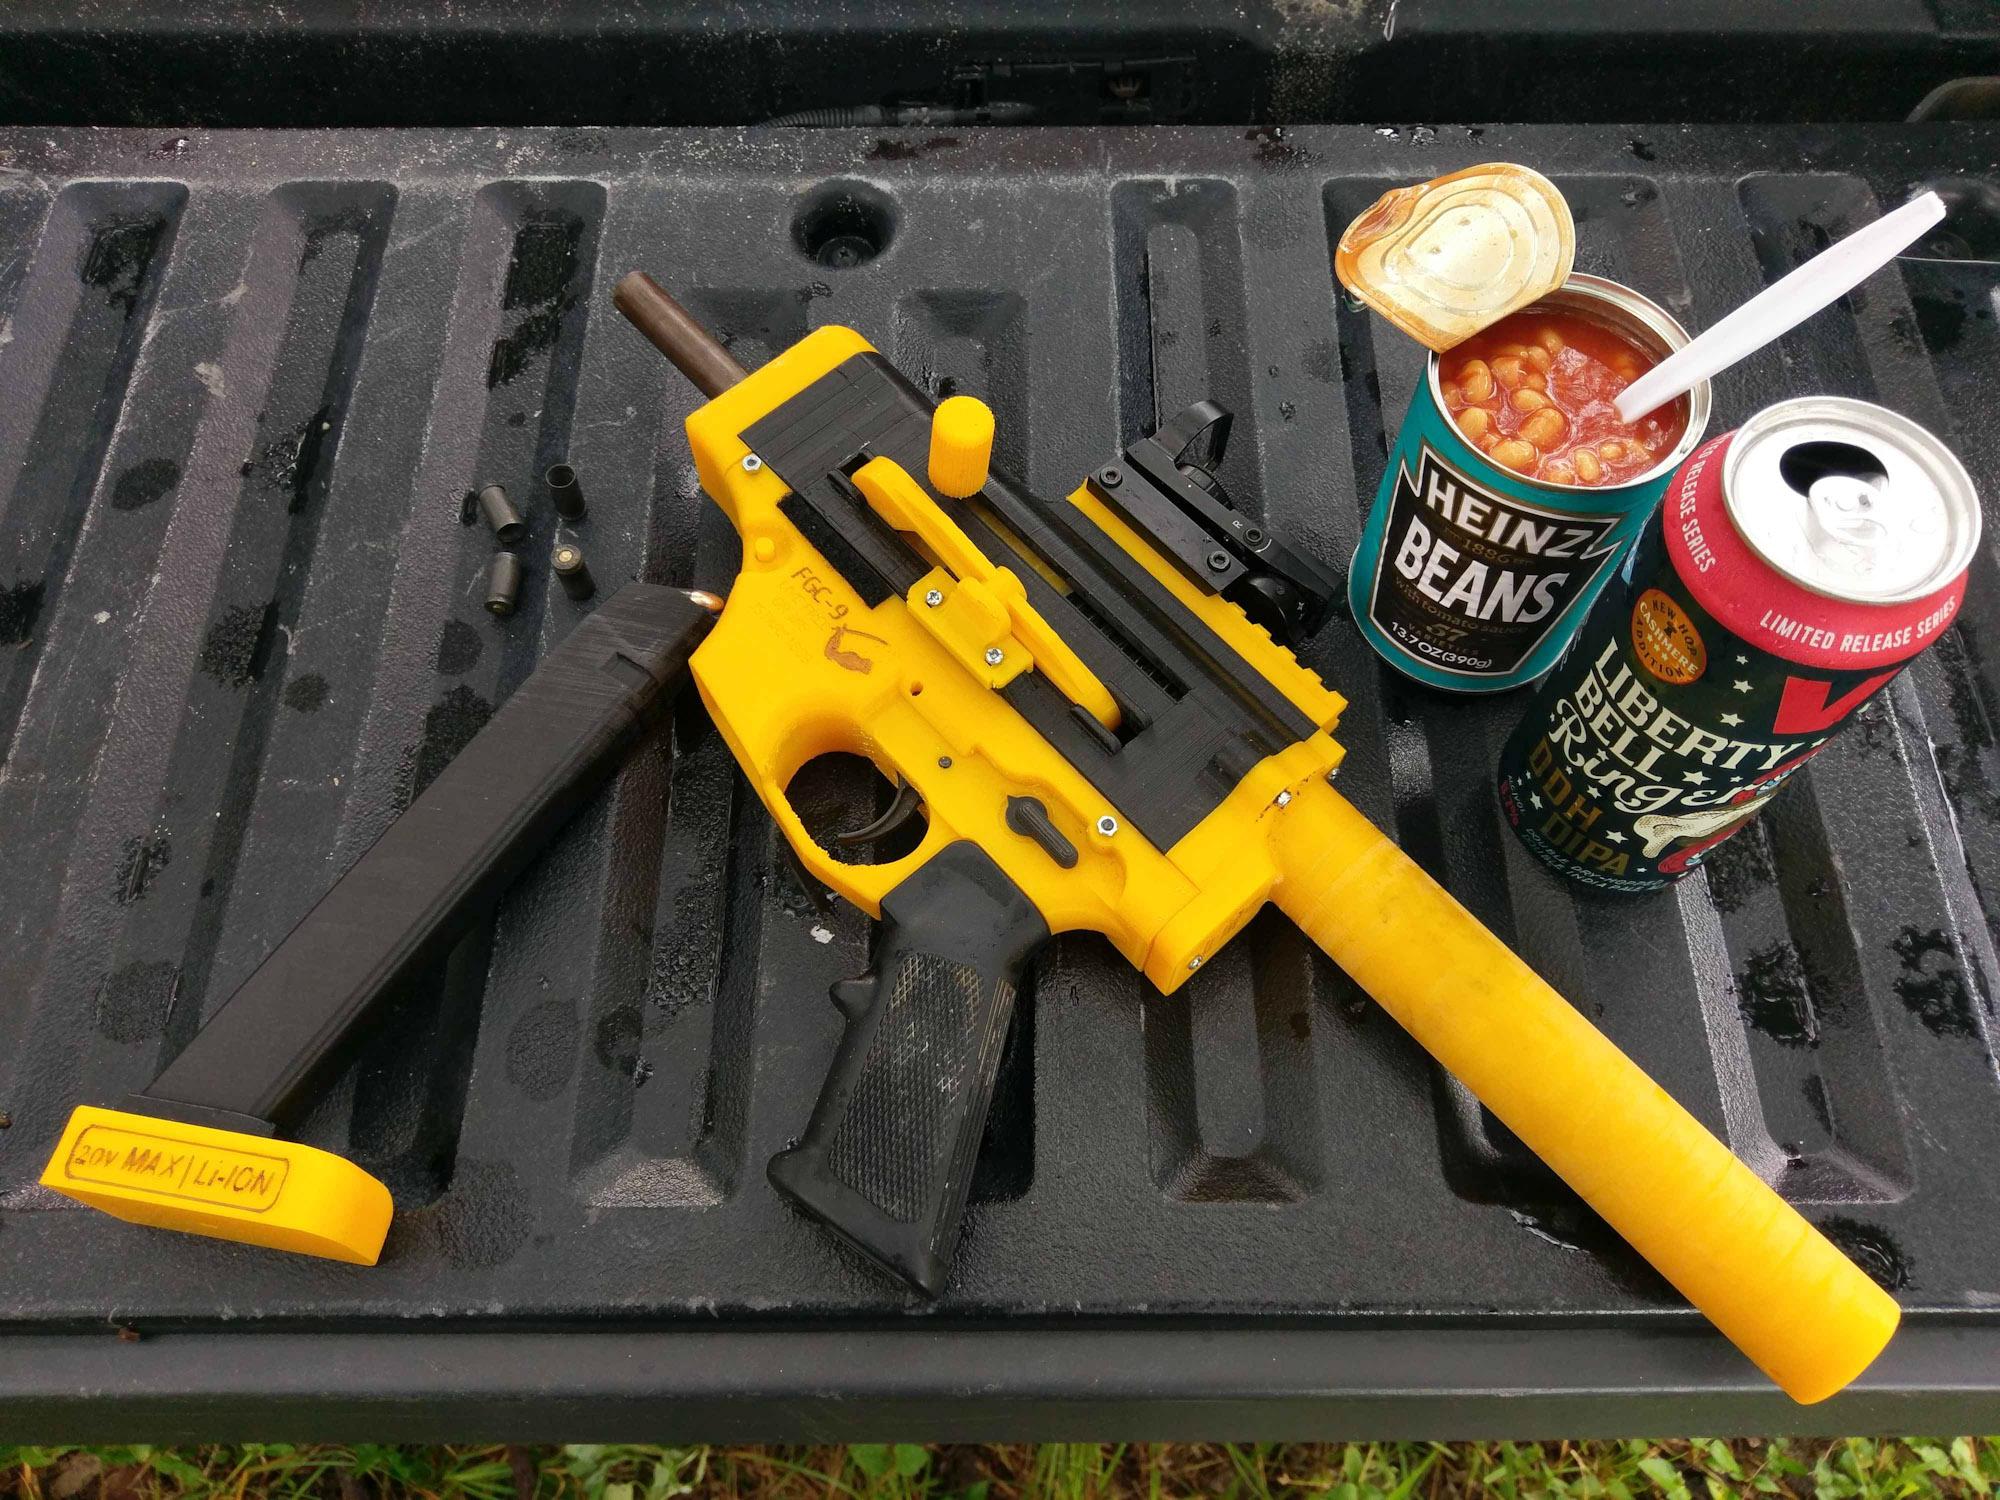 Огнестрельный DIY история и перспективы 3D-печатного оружия